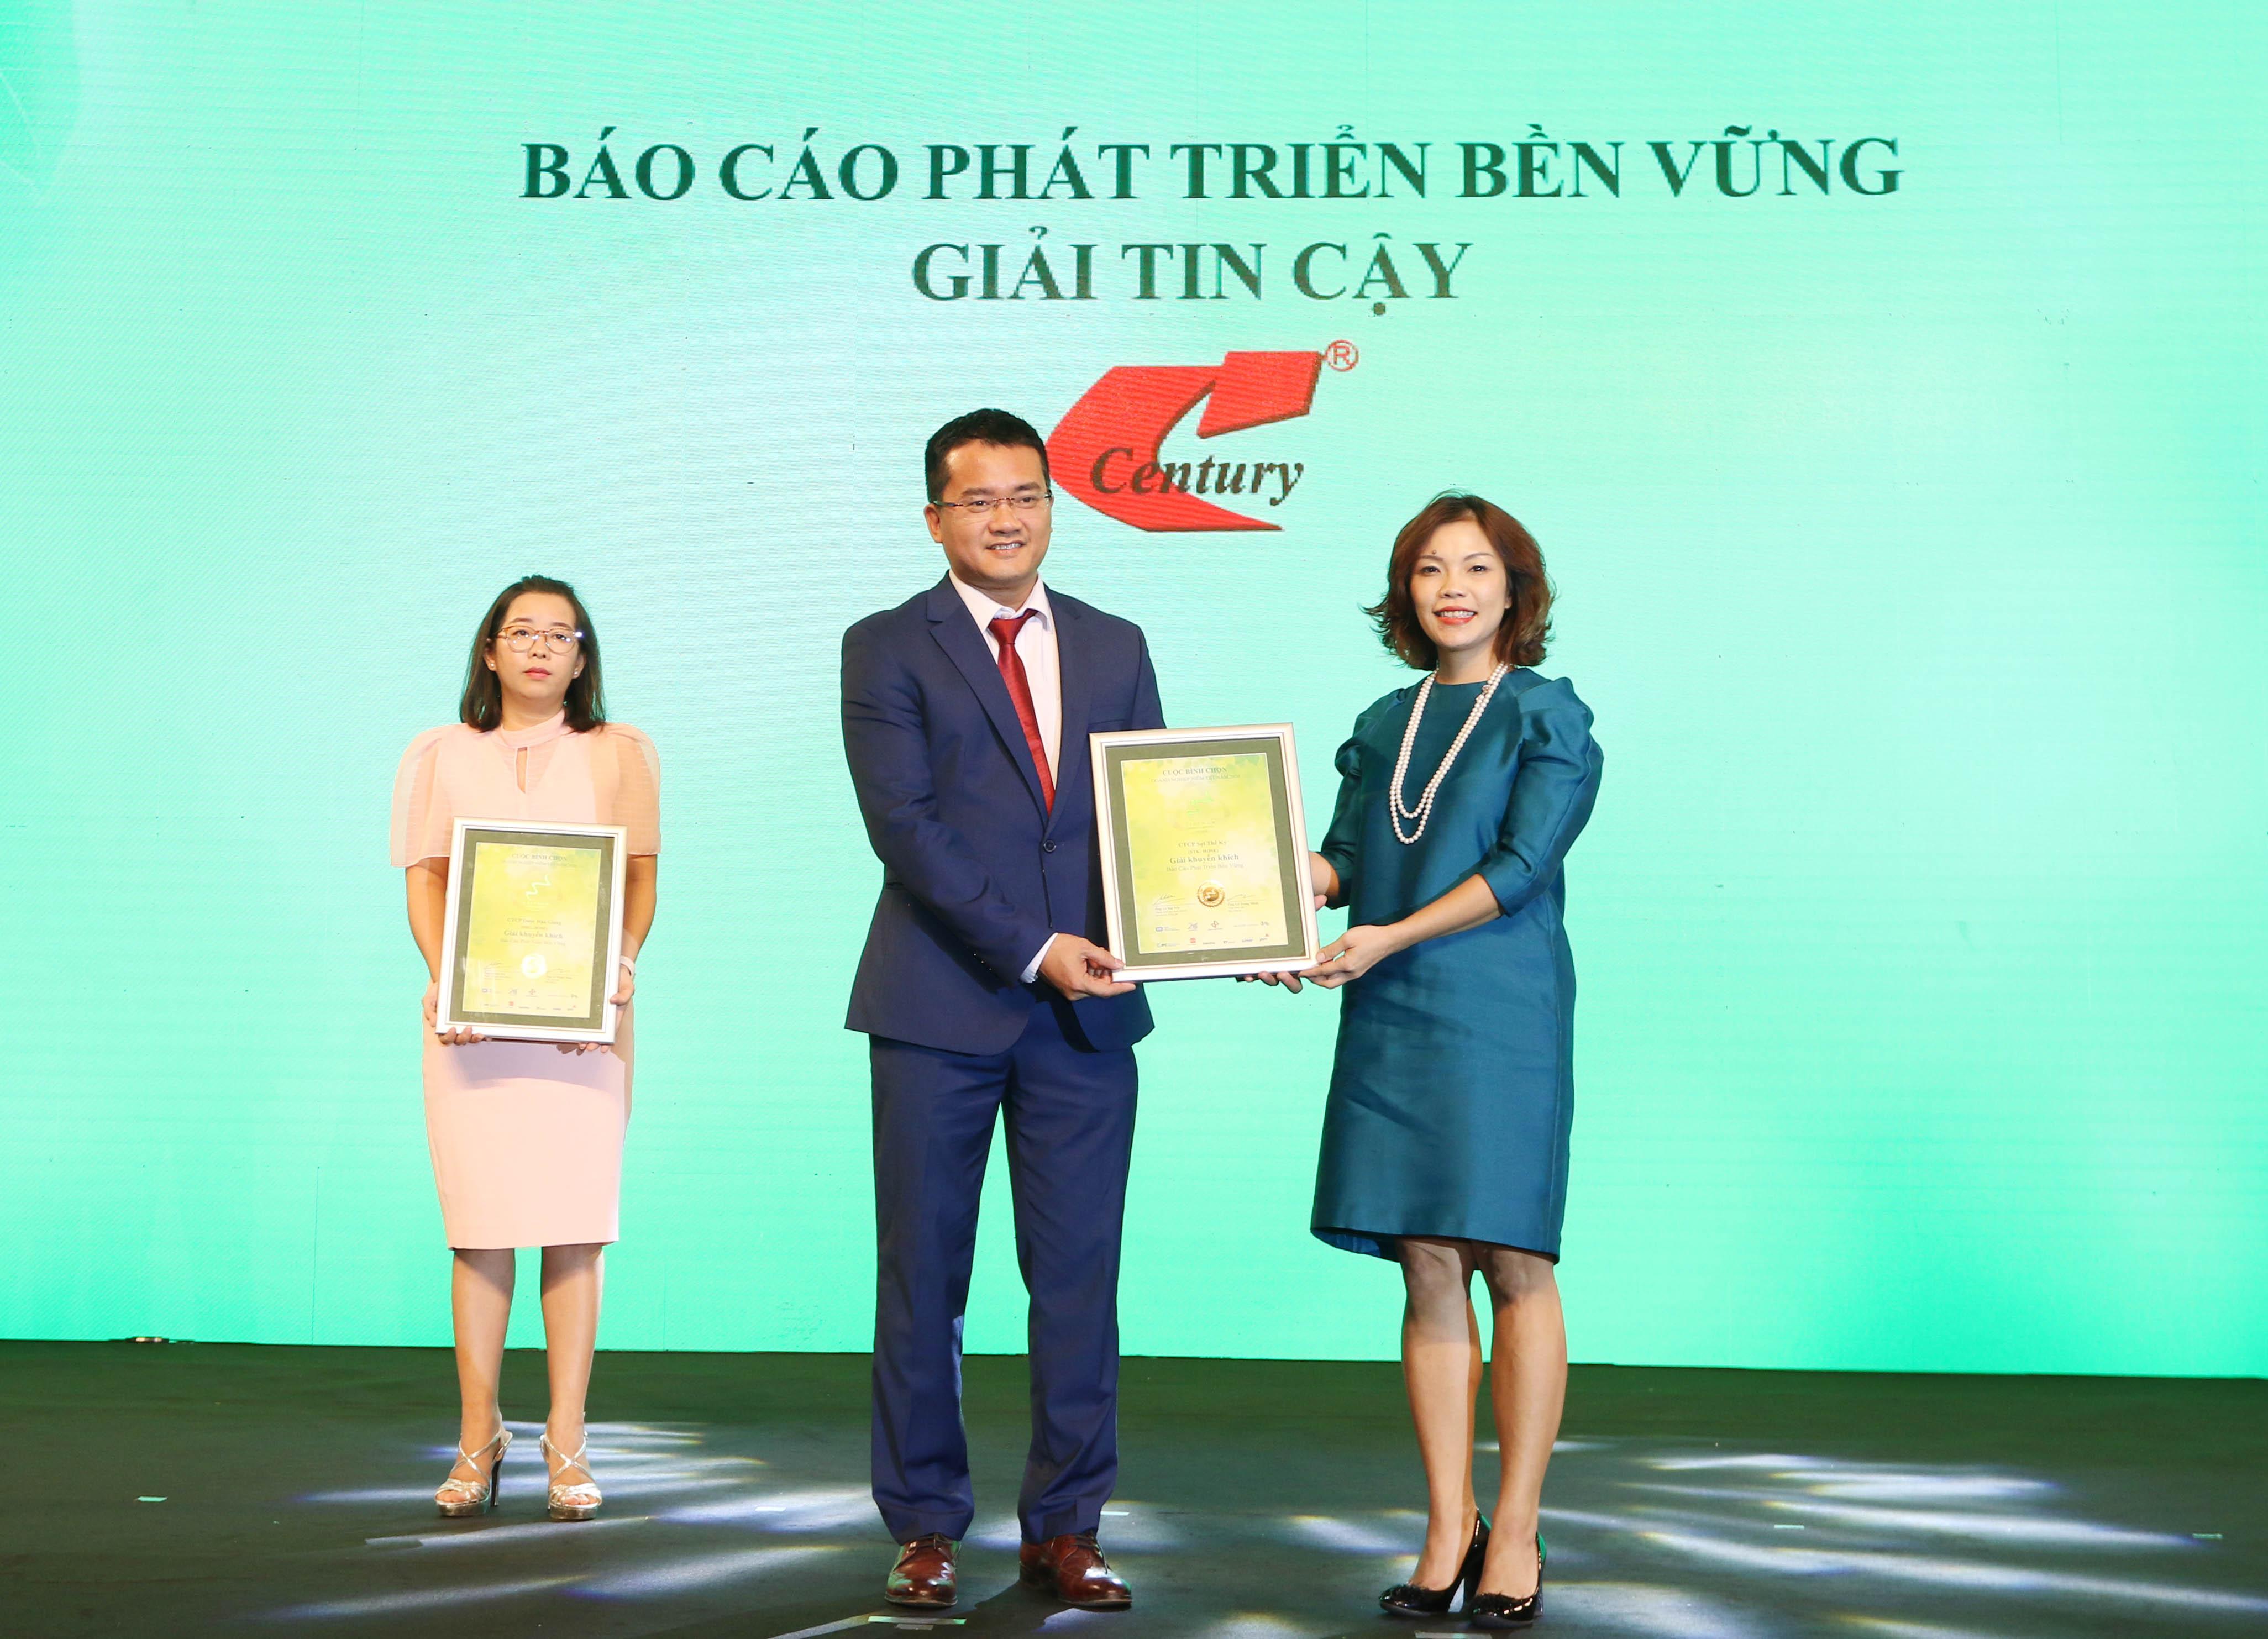 https://www.aravietnam.vn/wp-content/uploads/2020/12/60_Dại-diện-Sợi-Thế-Kỷ-nhận-giải-khuyến-khích-.jpg